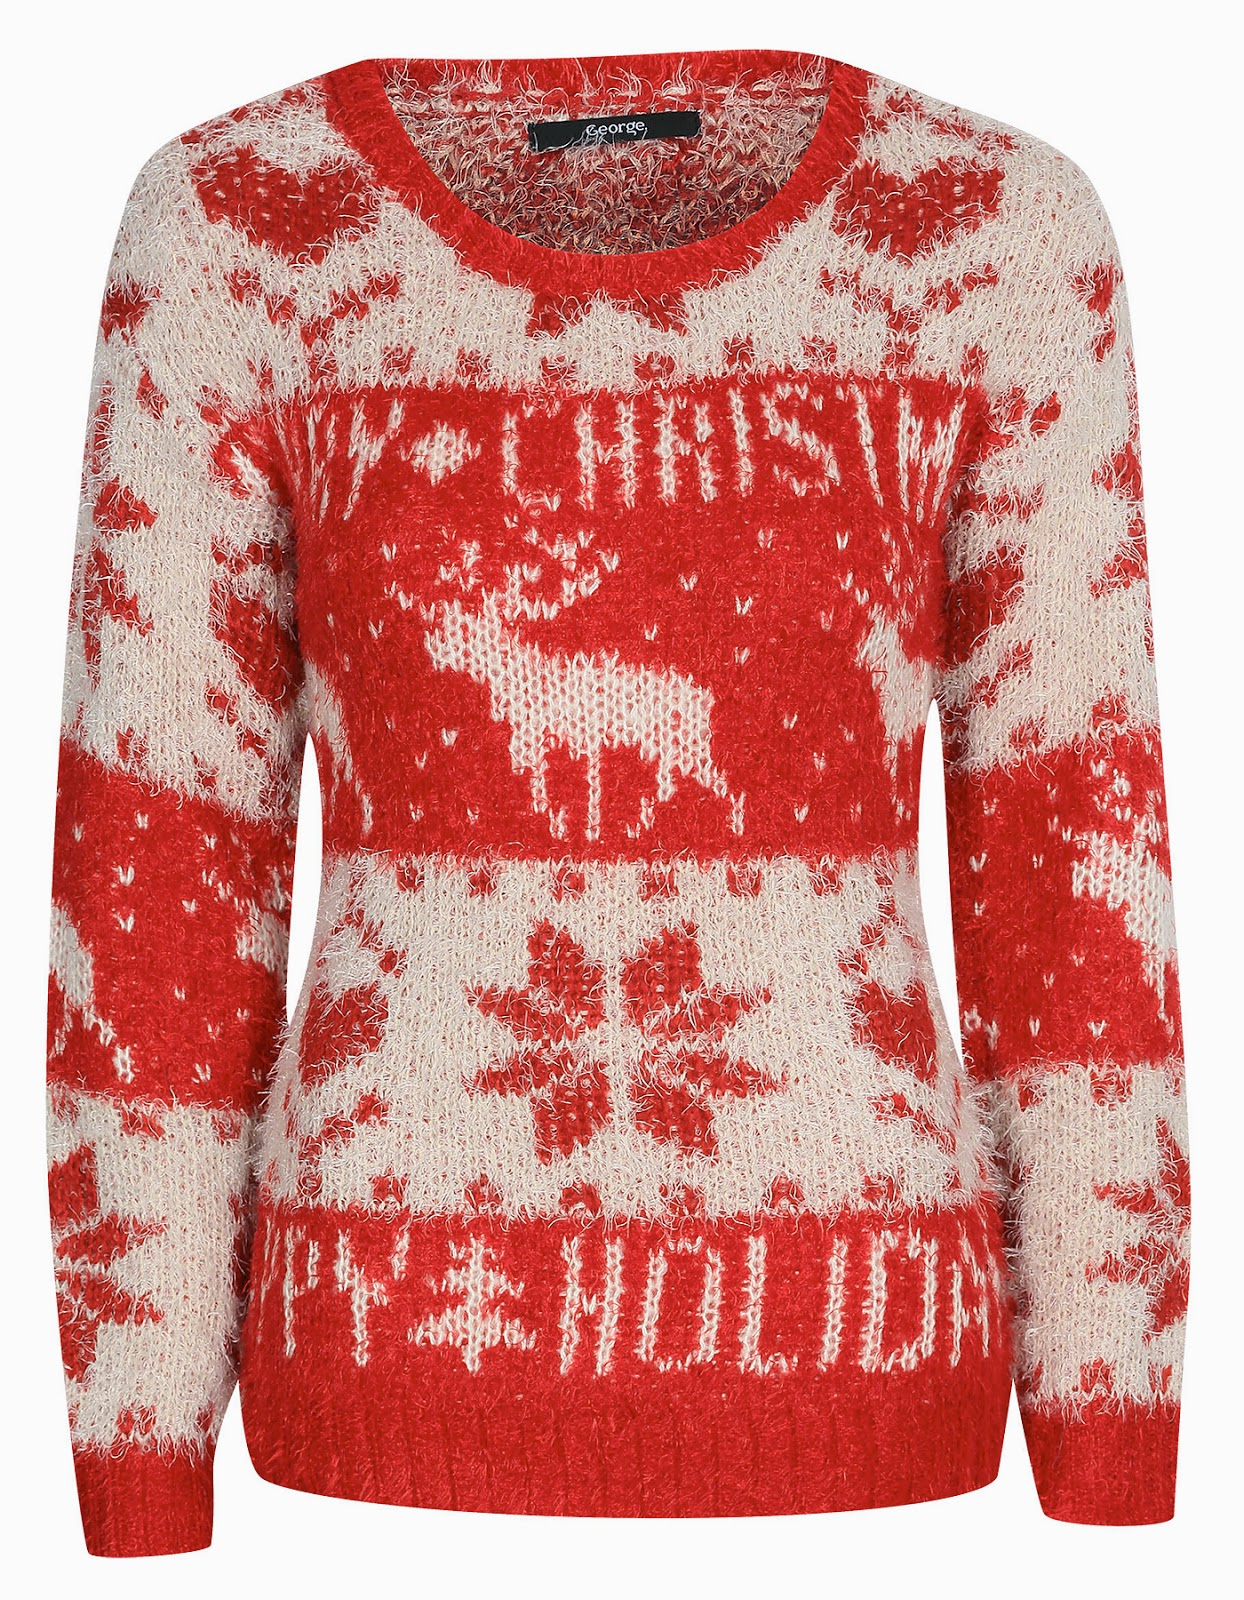 asda christmas jumper, asda reindeer jumper,